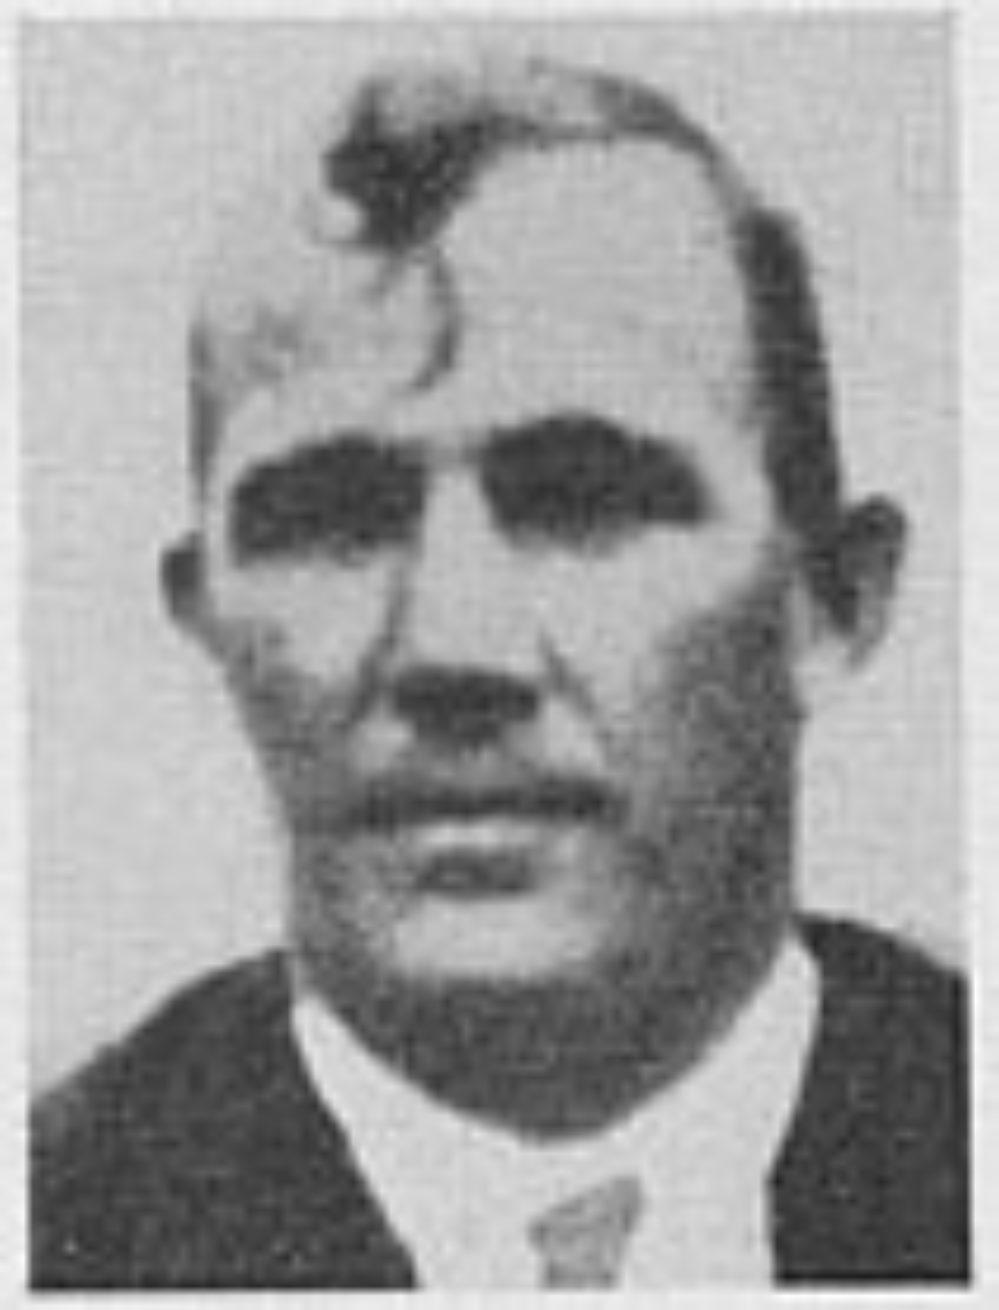 Anton Hovland Edvardsen